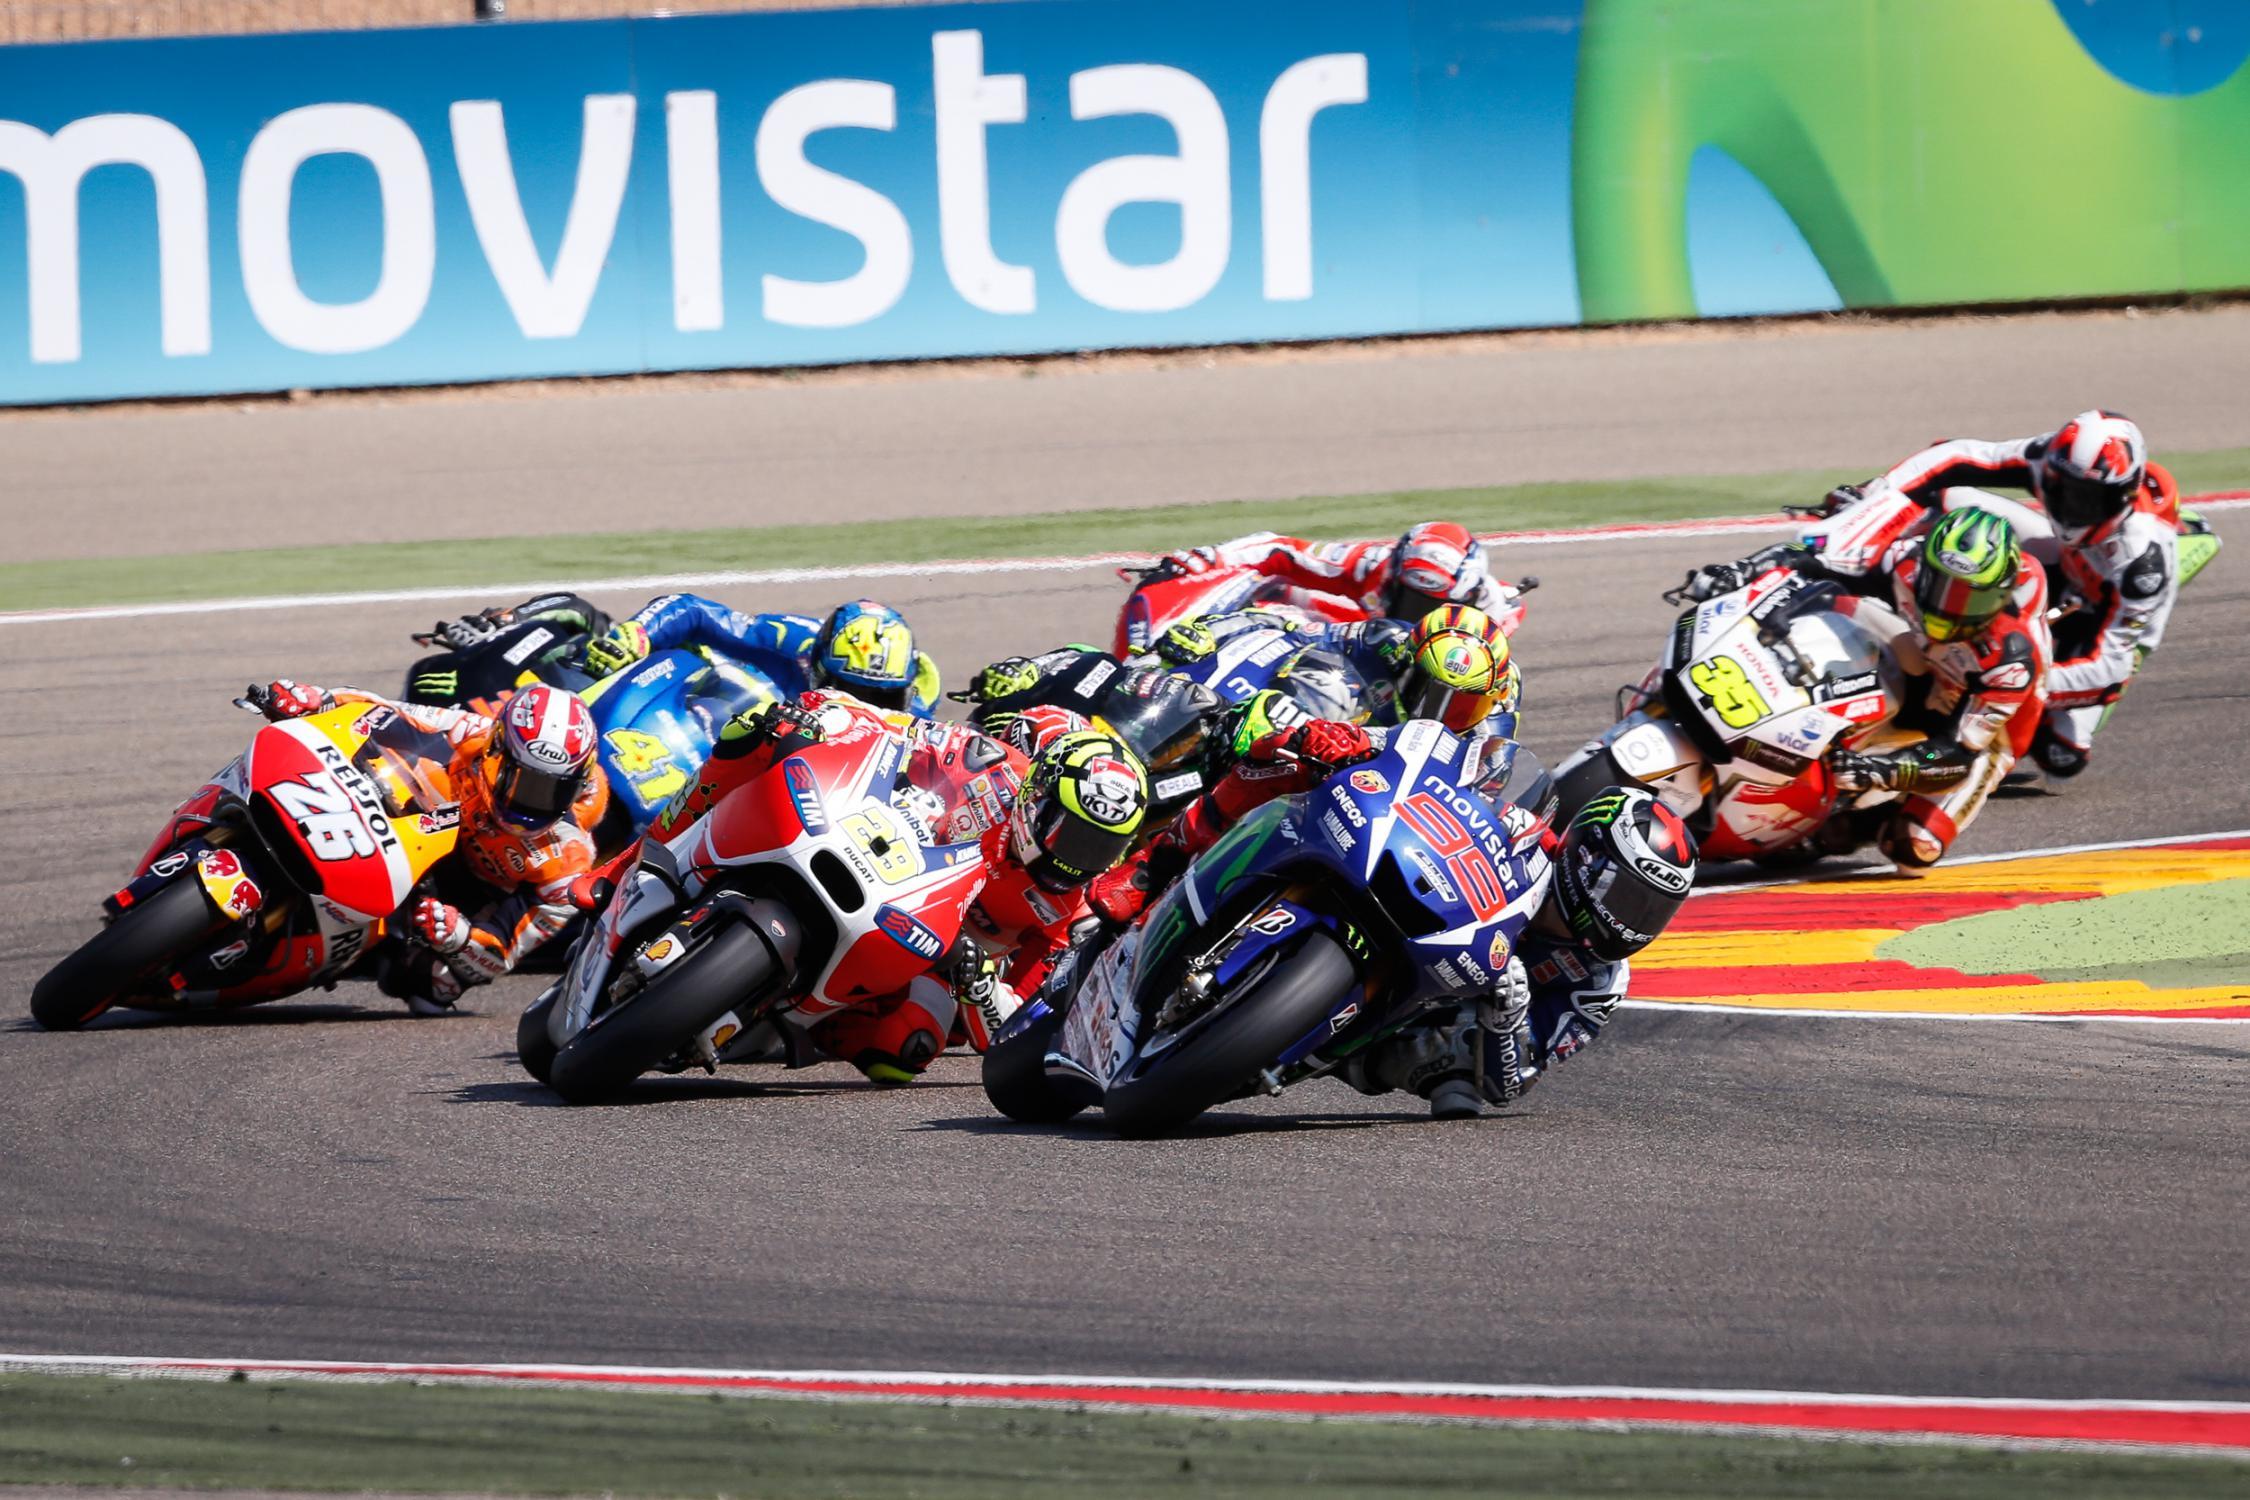 [GP] Aragon 002_motogp_gp_4809.gallery_full_top_fullscreen